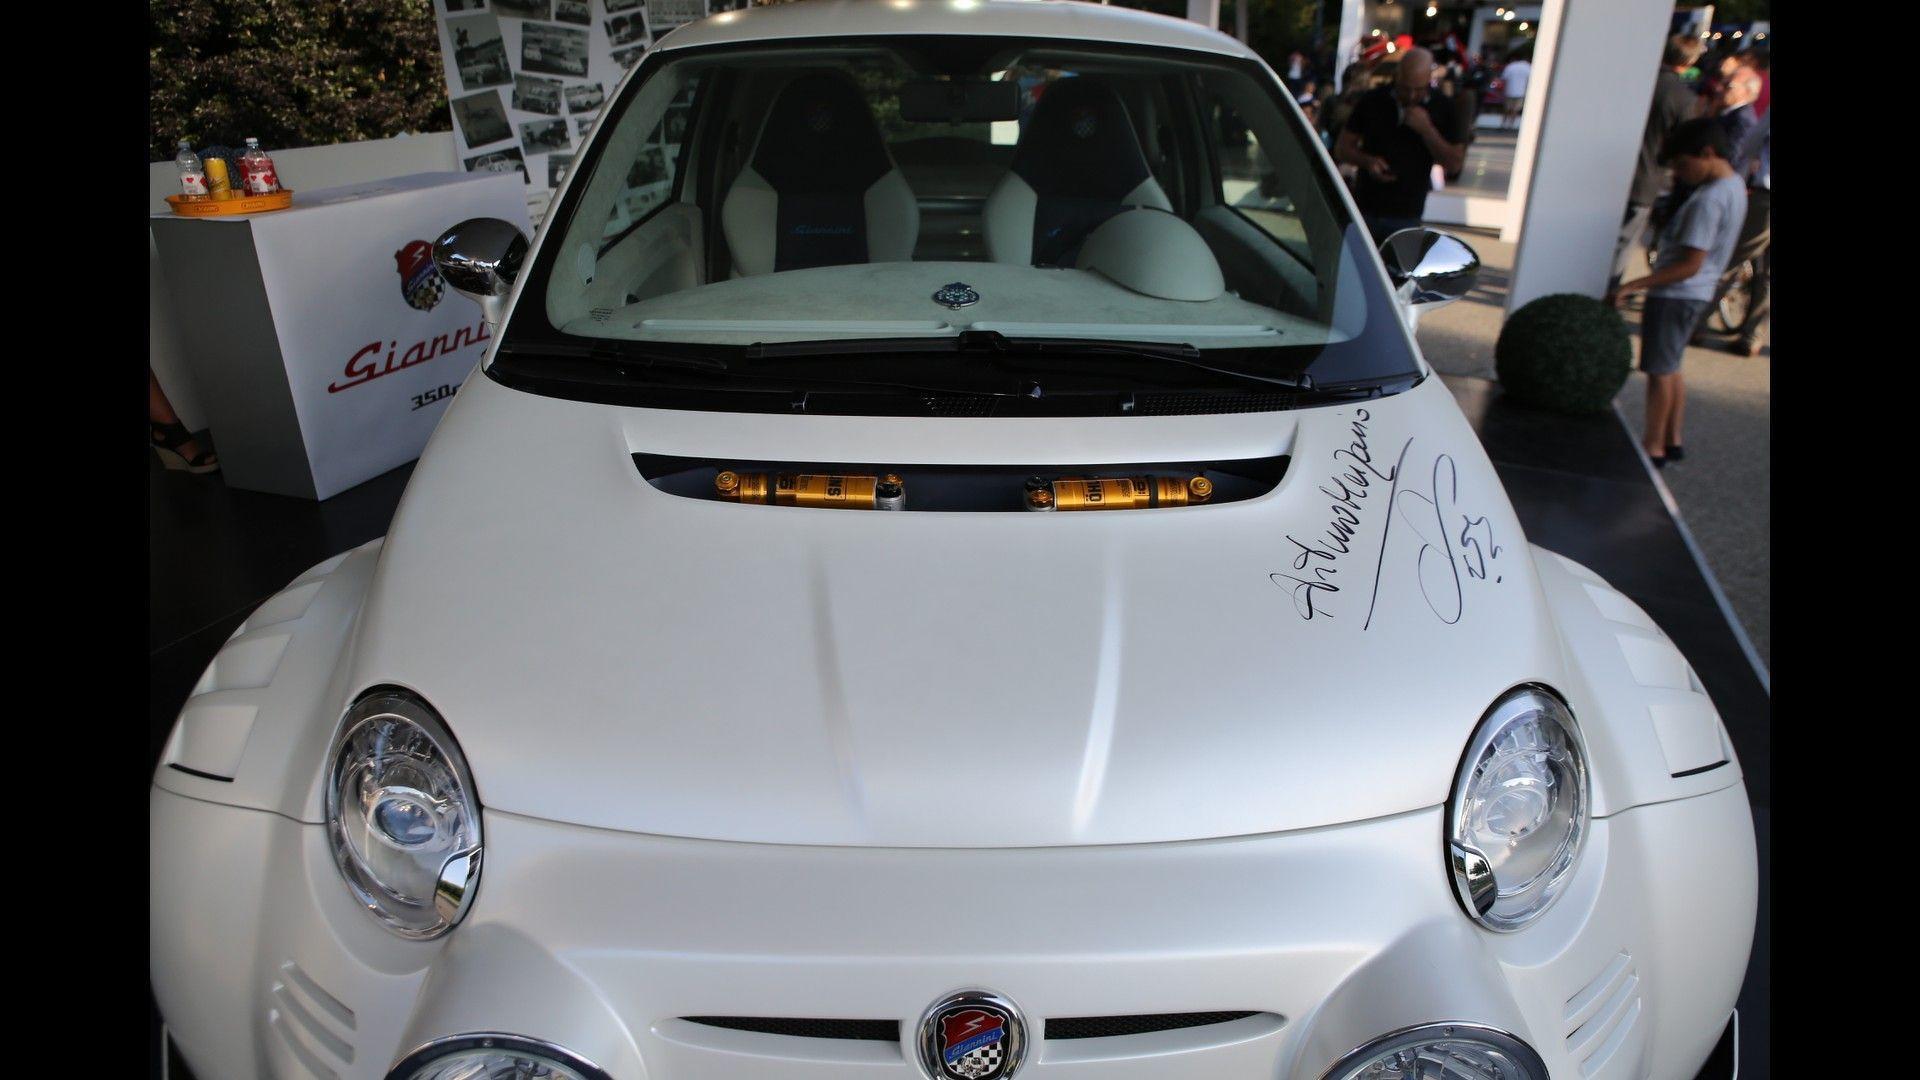 Fiat_500_Giannini_350_GP_Anniversario_07